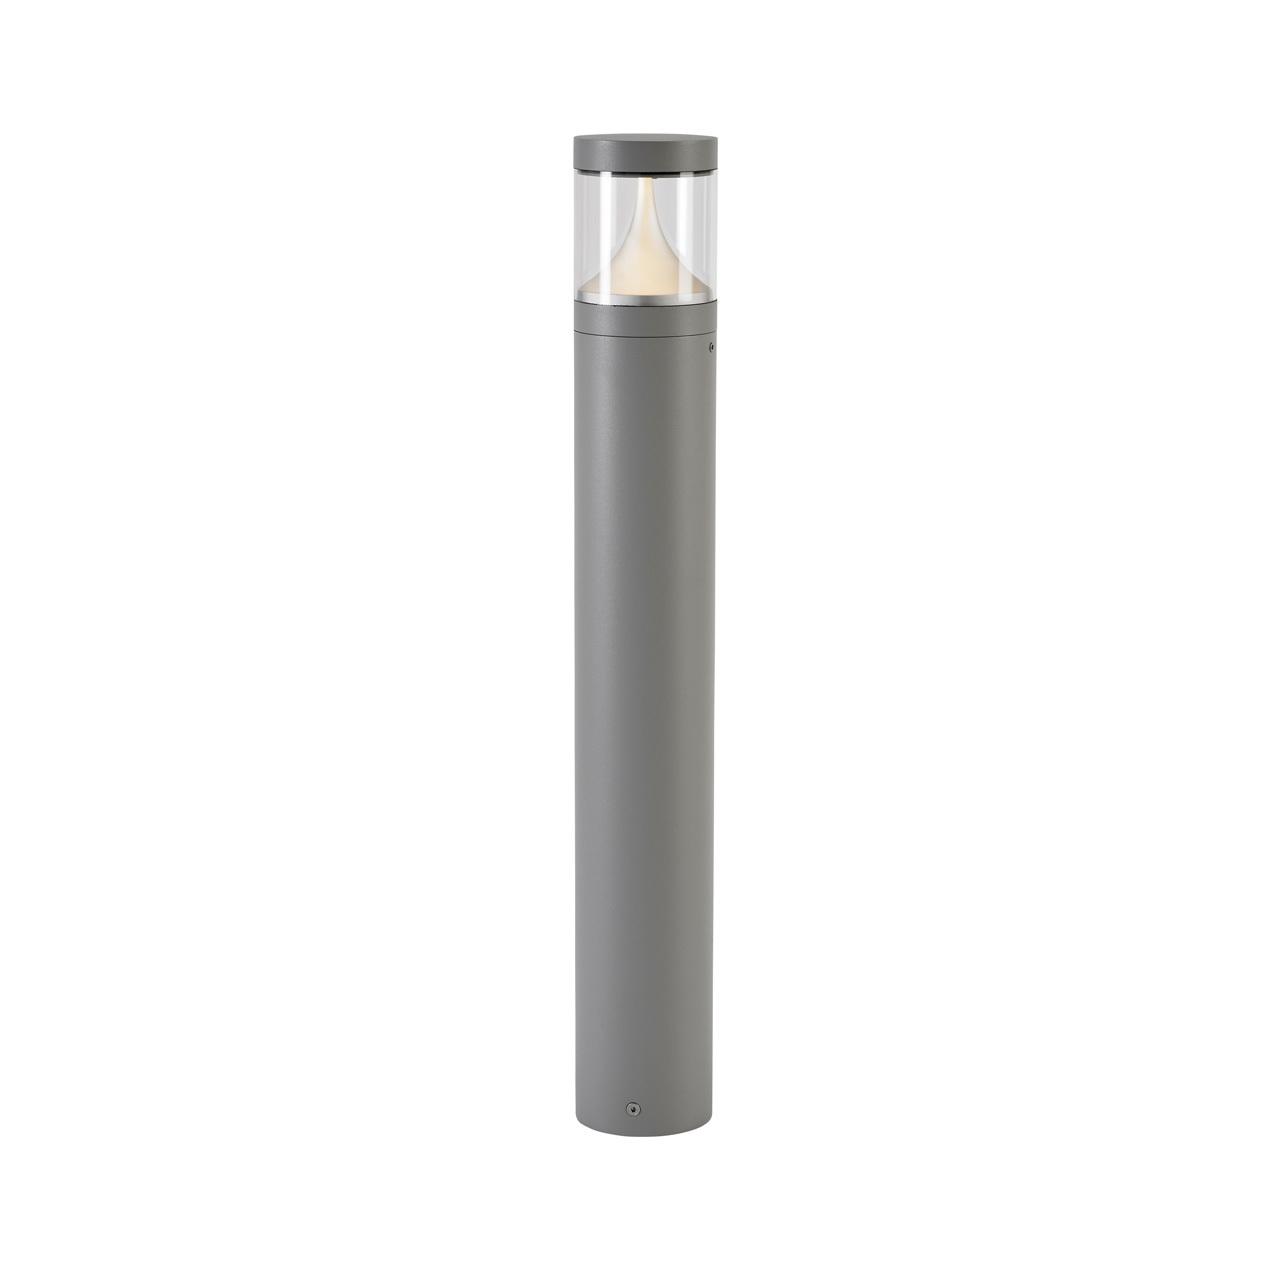 Słupek ogrodowy EGERSUND MINI 85CM LED 1290AL -Norlys  SPRAWDŹ RABATY  5-10-15-20 % w koszyku